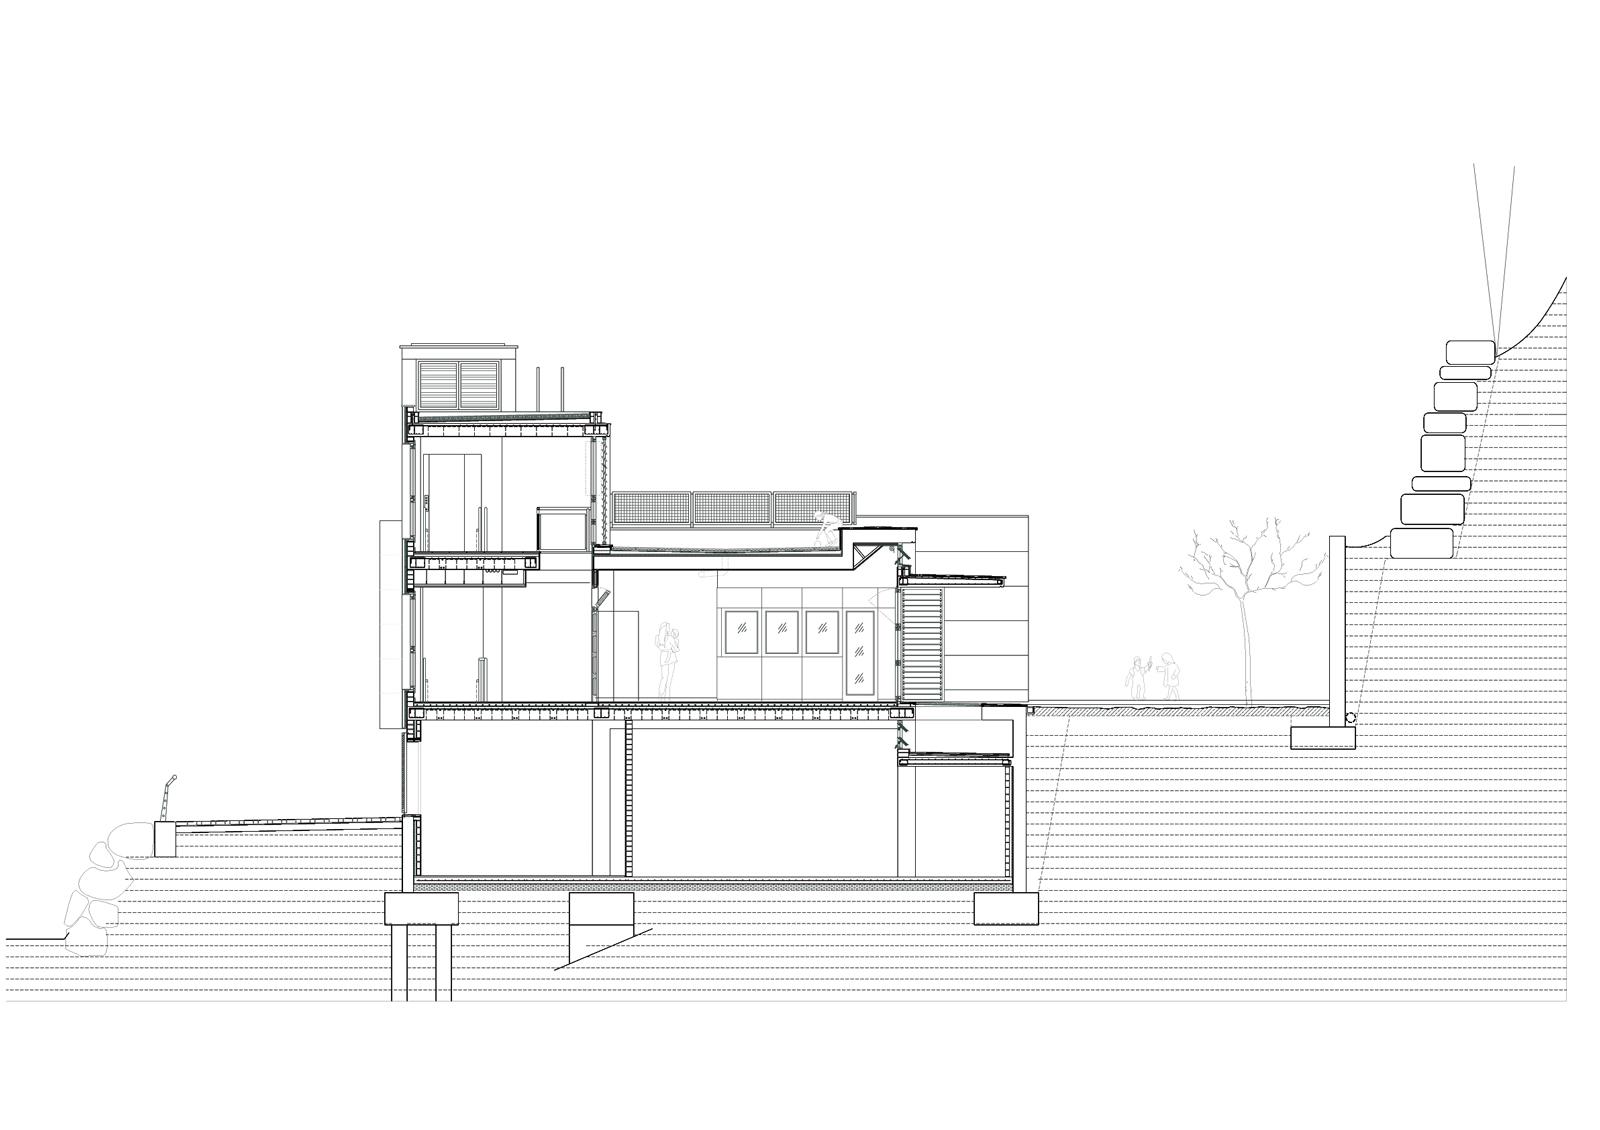 Secció transversal. Projecte d'obra nova: 2009 Escola Bressol